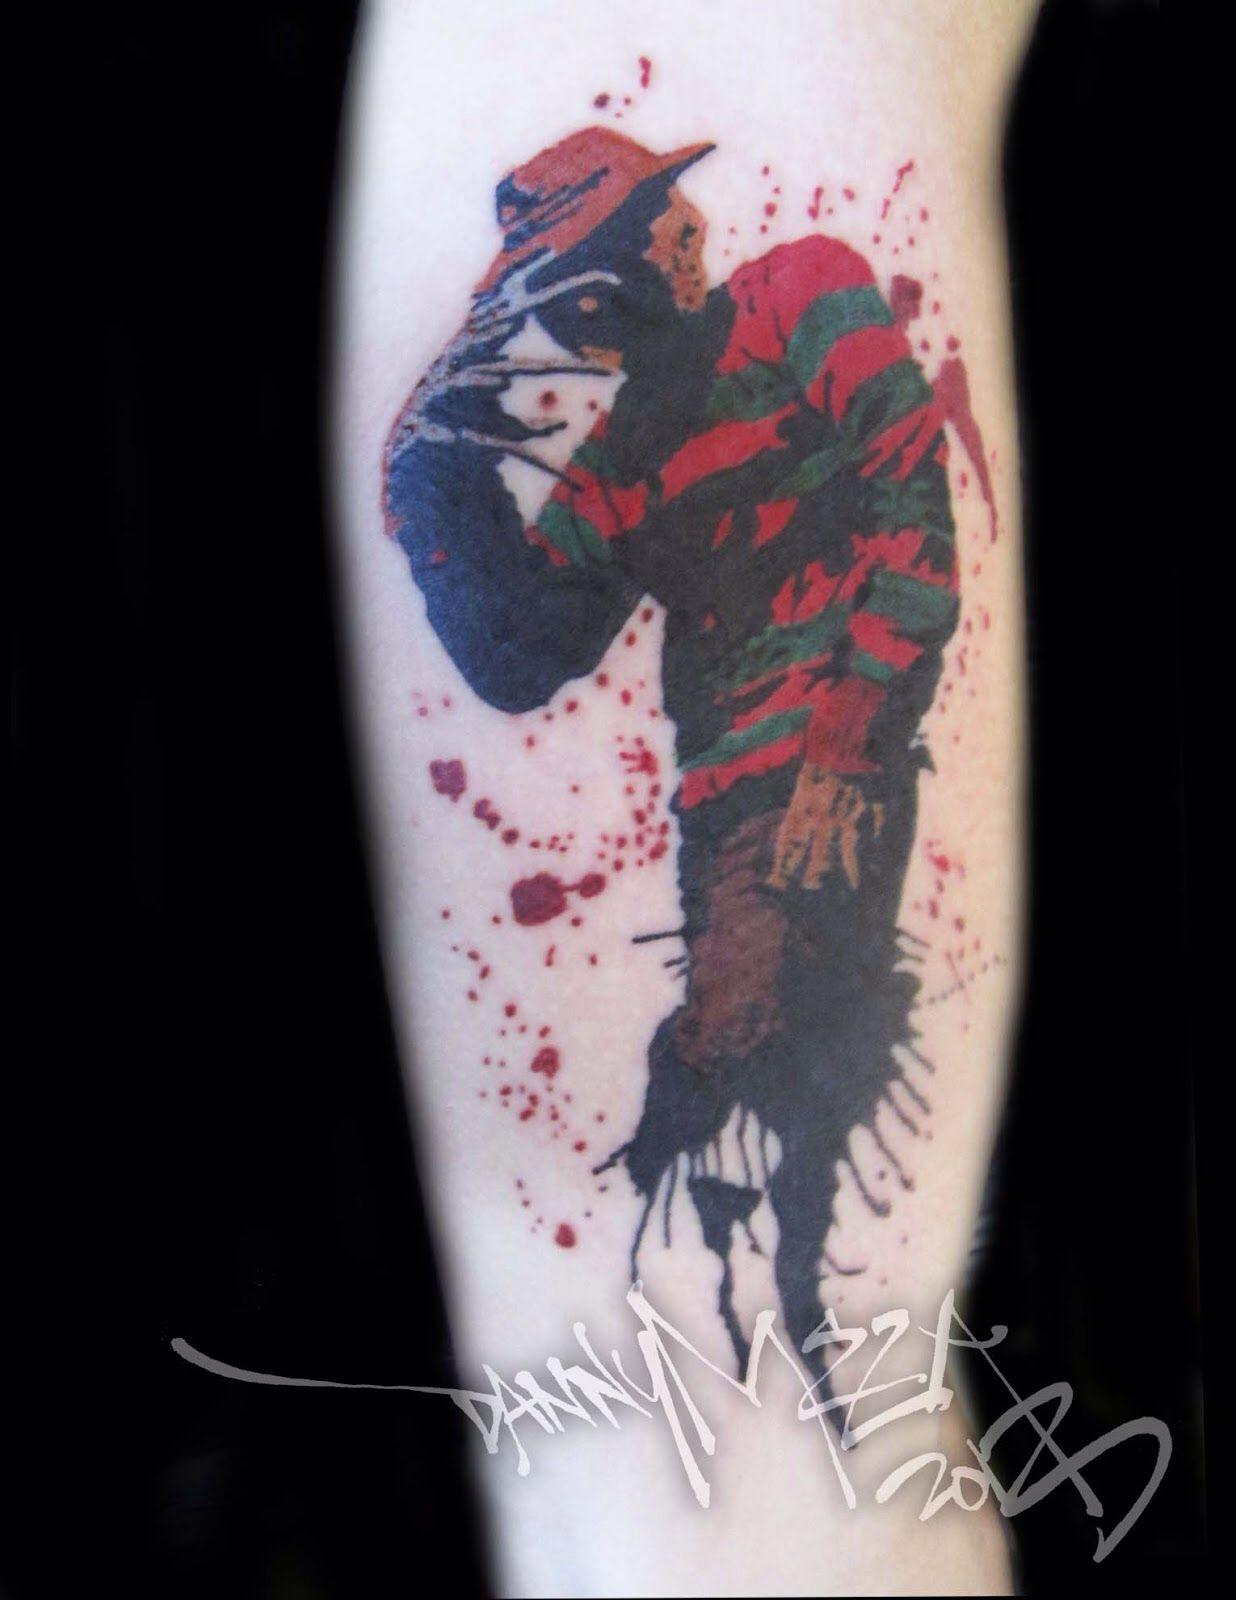 b2a4a6ca6 Love this Freddy tattoo!   Tattoo ideas.   Tattoos, Skin art ...